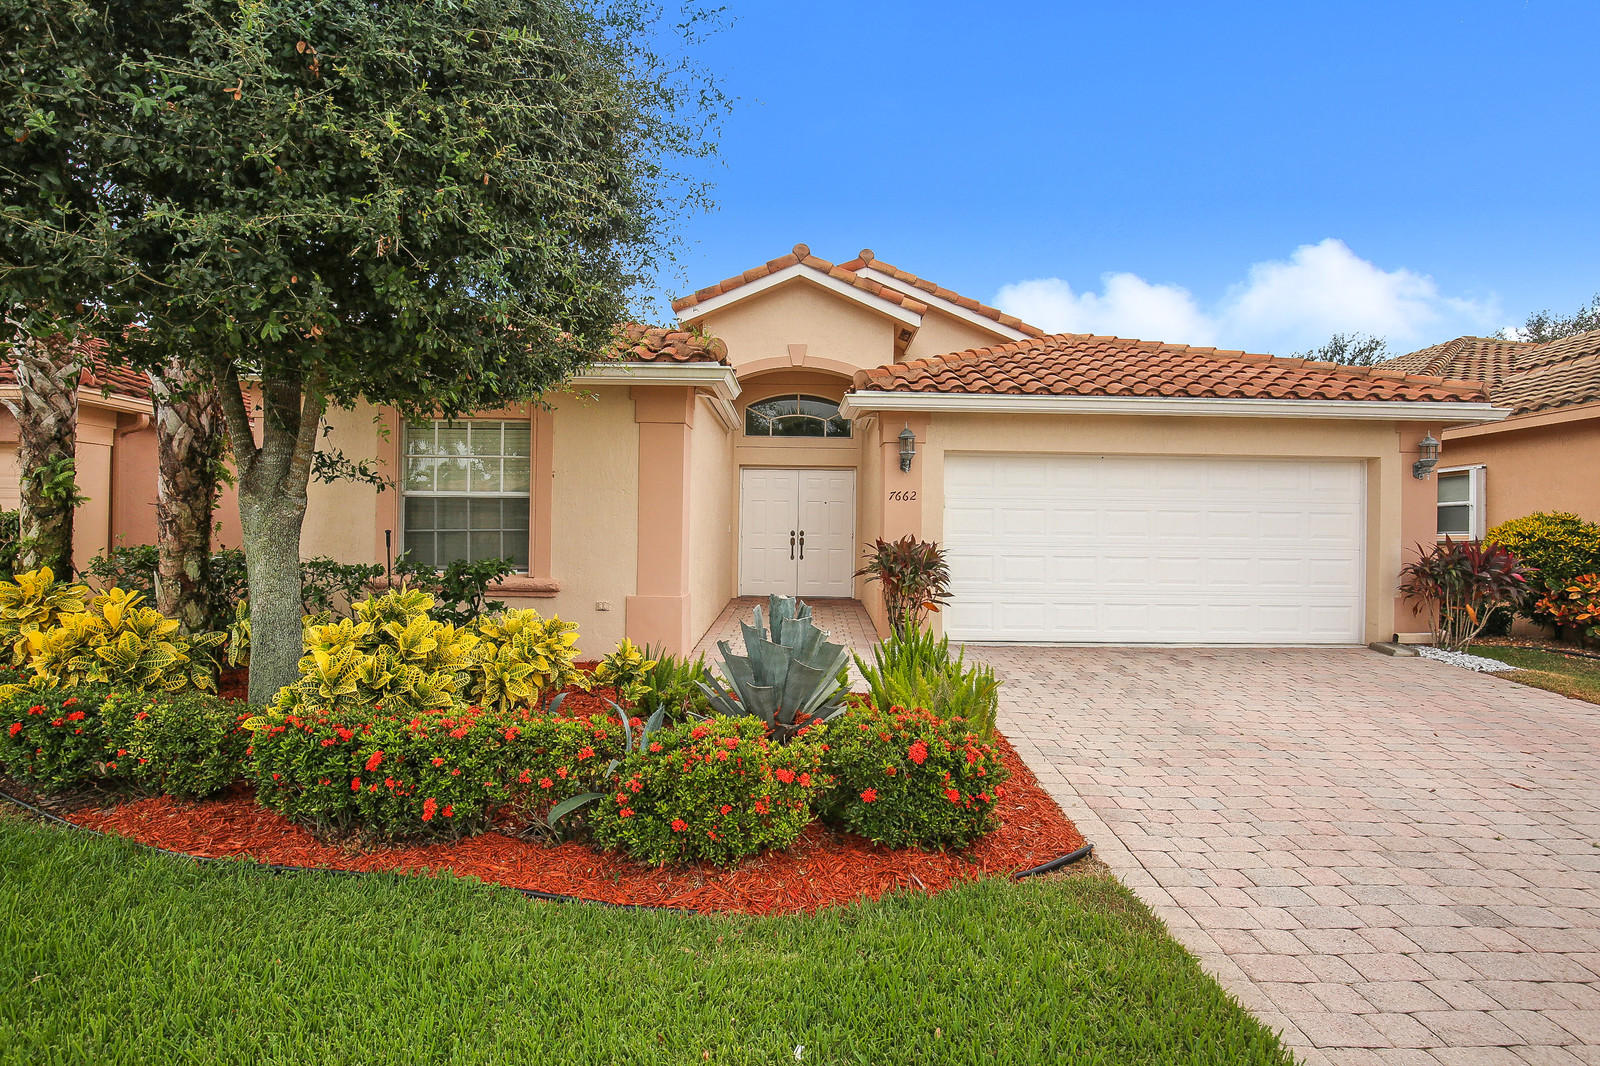 7662 Caprio Drive, Boynton Beach, Florida 33472, 3 Bedrooms Bedrooms, ,2 BathroomsBathrooms,Single Family,For Sale,Ponte Vecchio West,Caprio,RX-10470630